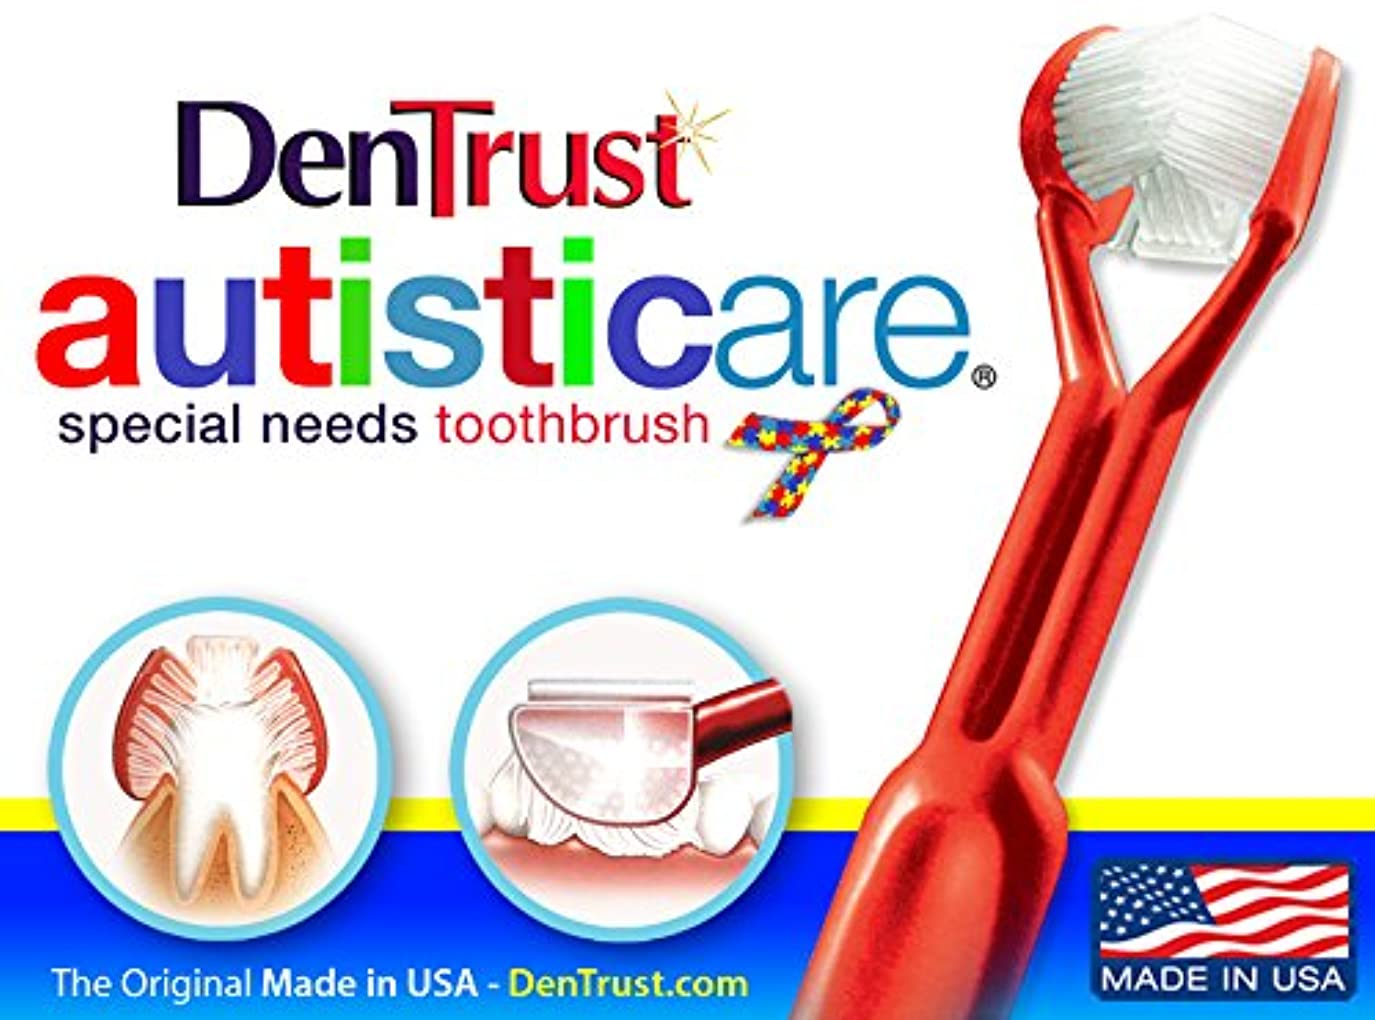 甲虫行うグラフ子供?介護用に便利な3面歯ブラシ/DenTrust 3-Sided Toothbrush :: Specialty Toothbrush